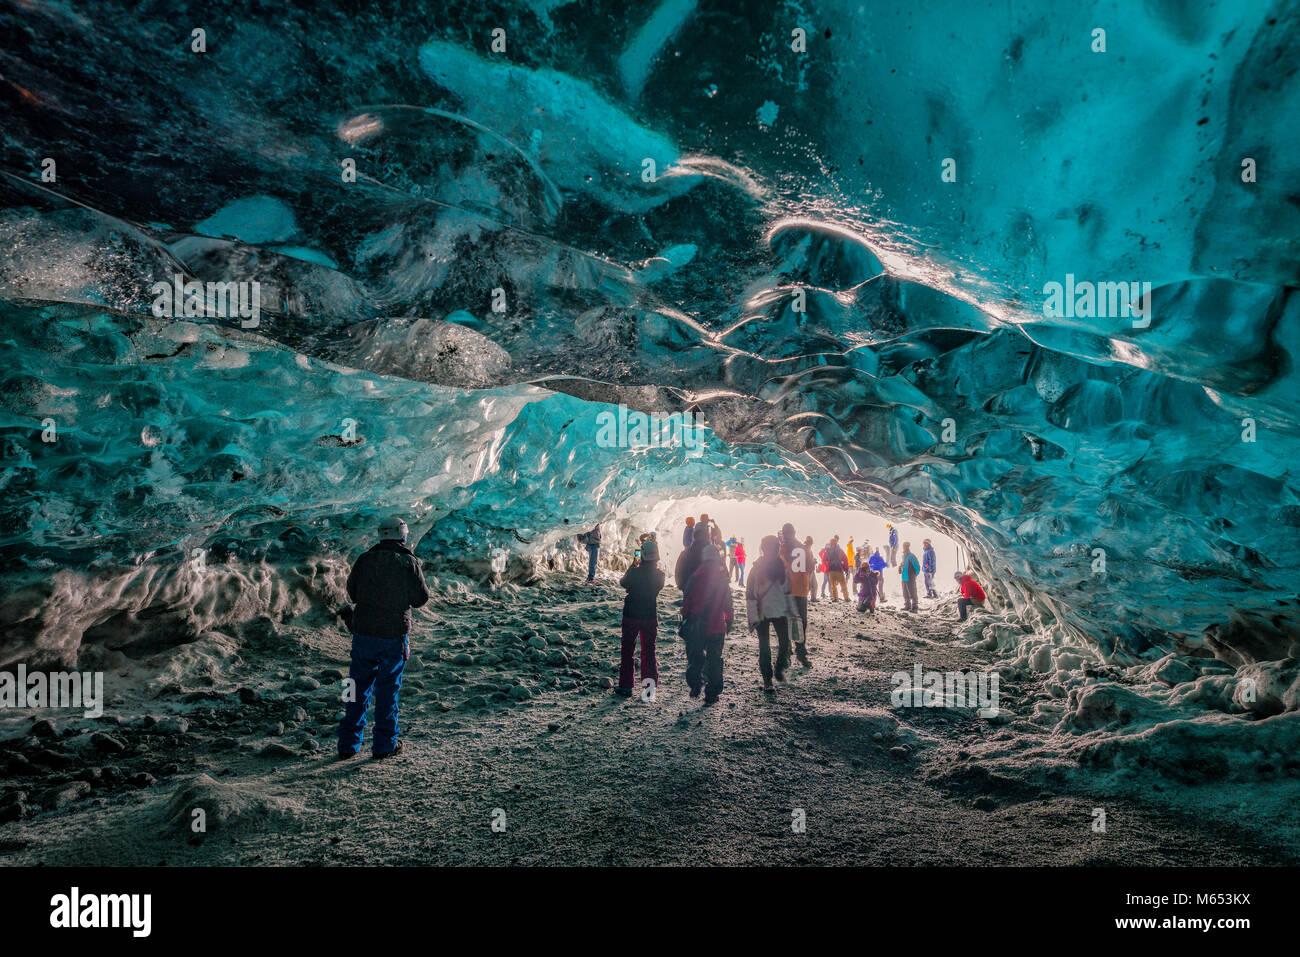 Turistas en el Crystal Cave, Glaciar Breidamerkurjokull, Islandia. Hielo azul y esmeralda ceniza es parte de Breidamerkurjokull. Imagen De Stock